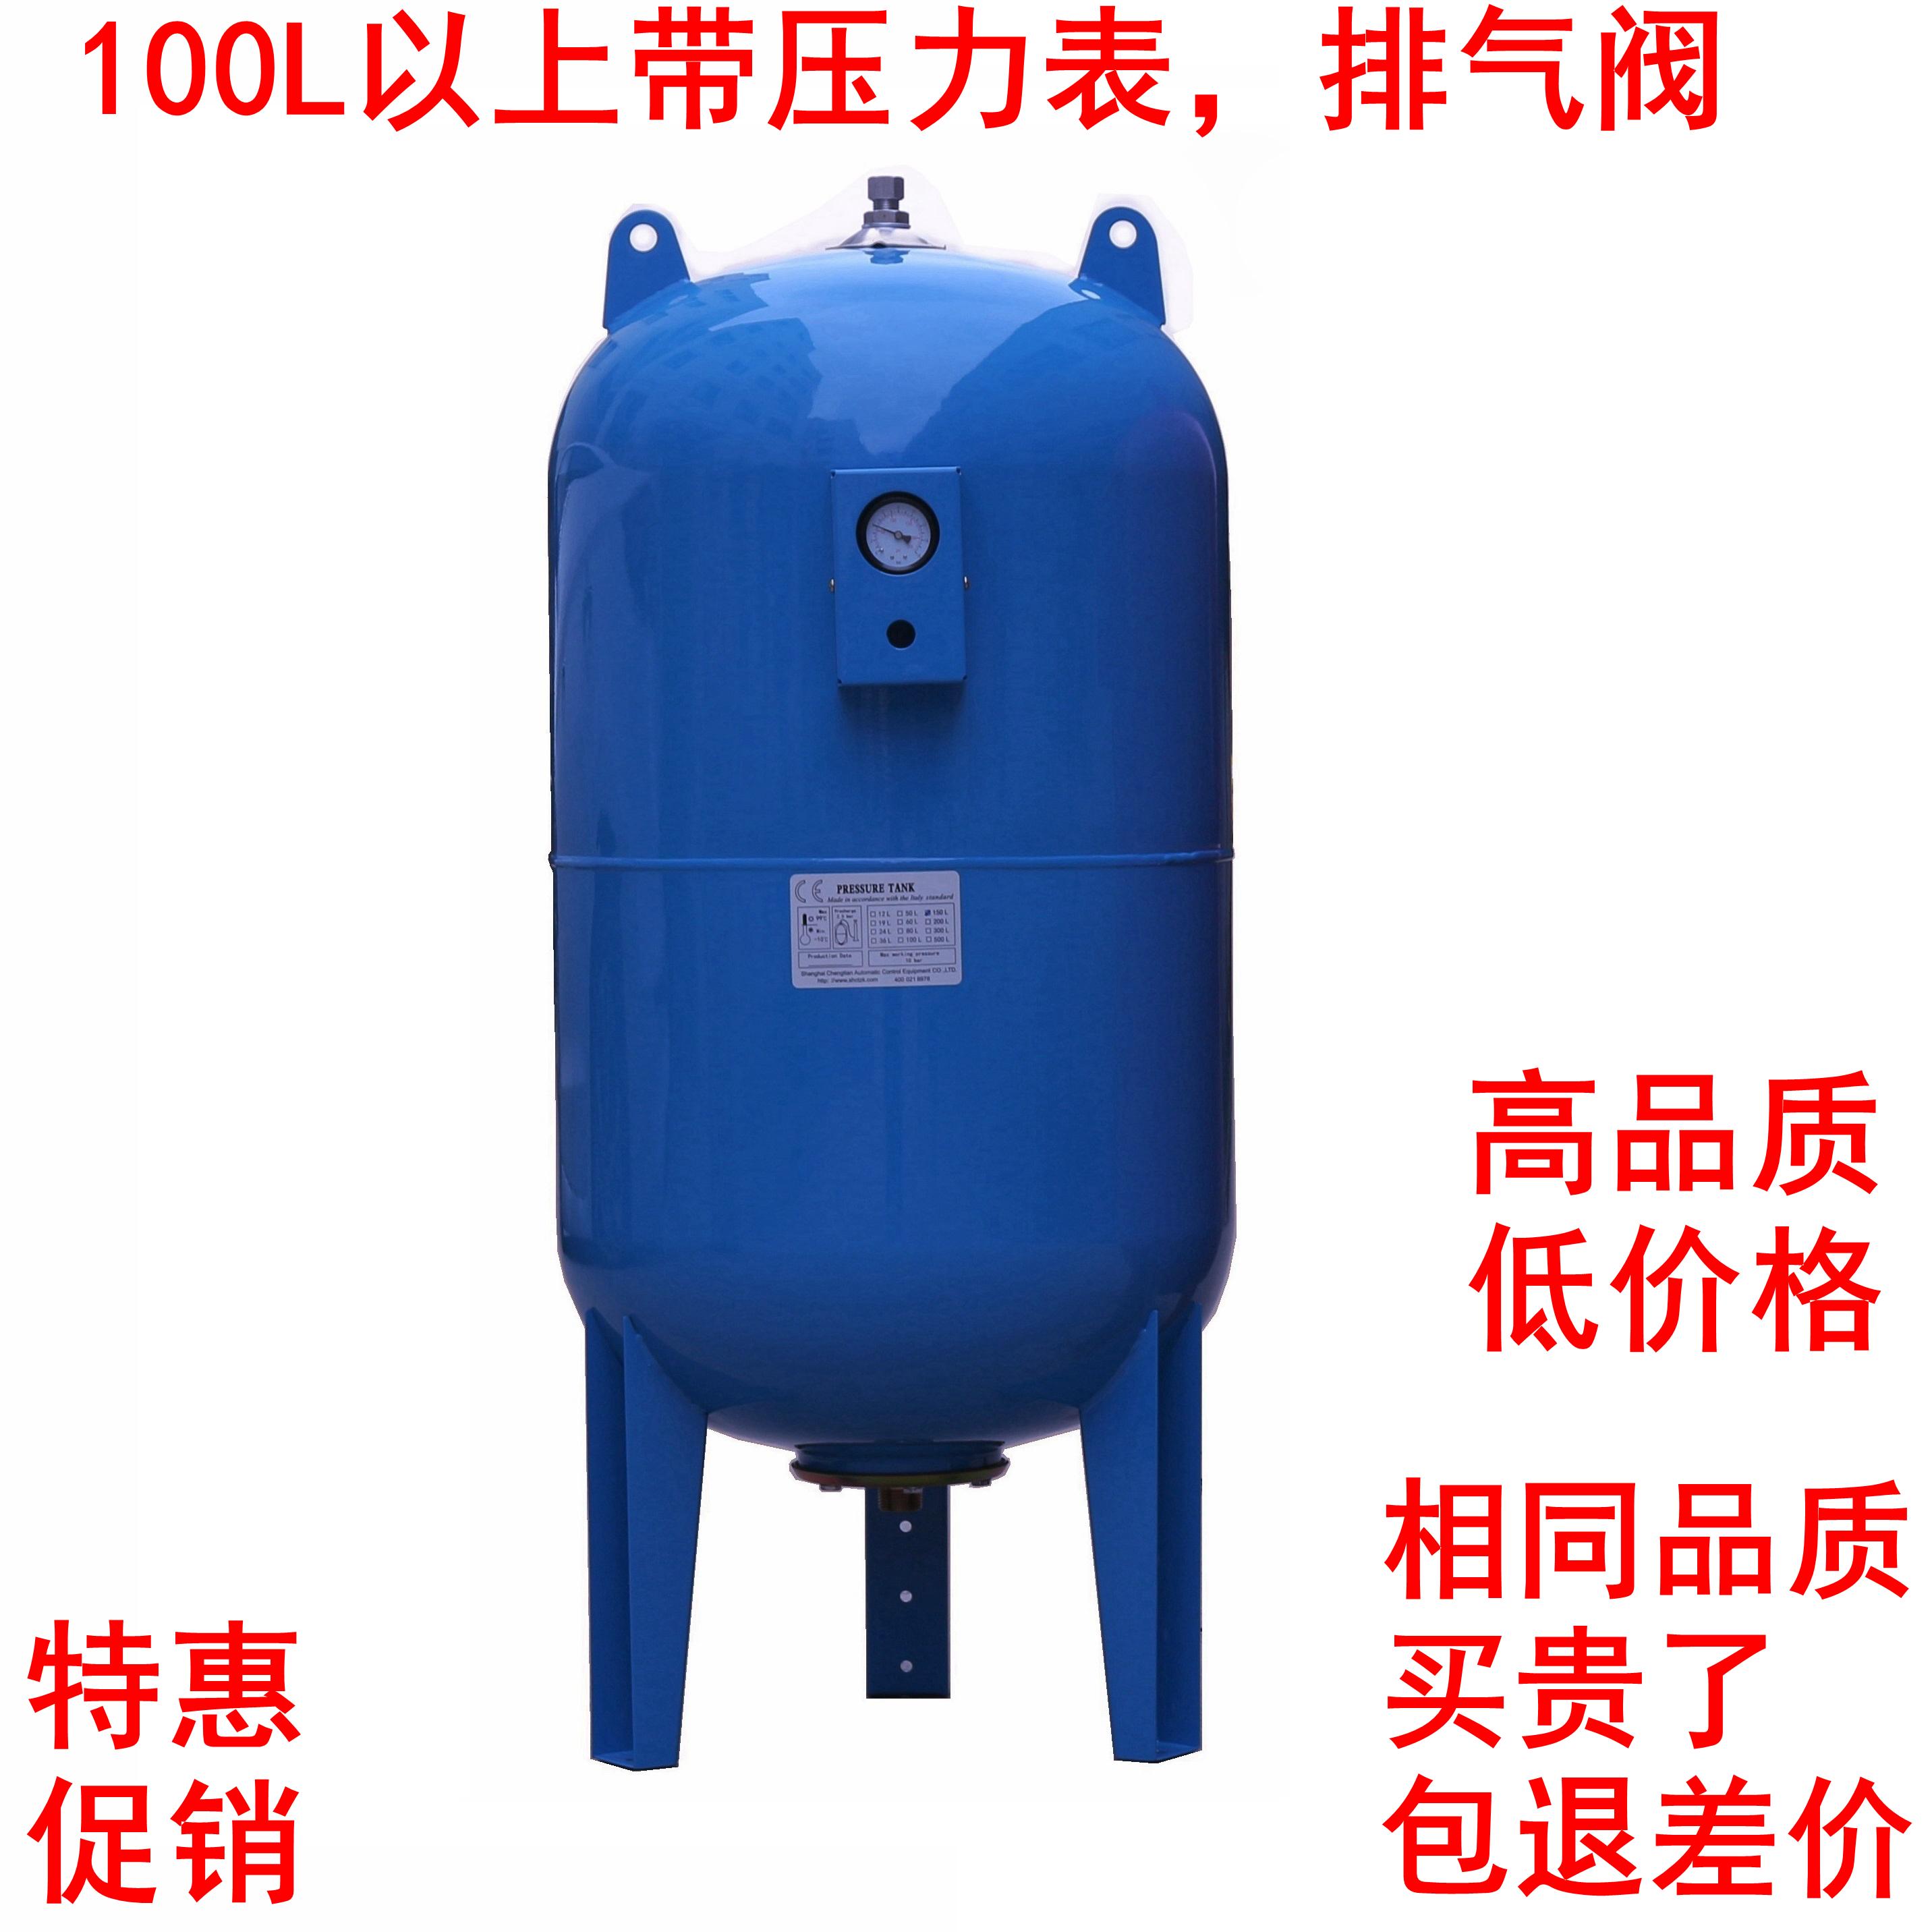 2L-24L膨胀罐/气囊式压力罐/100L气压罐150L稳压罐8L/ 默认发红色